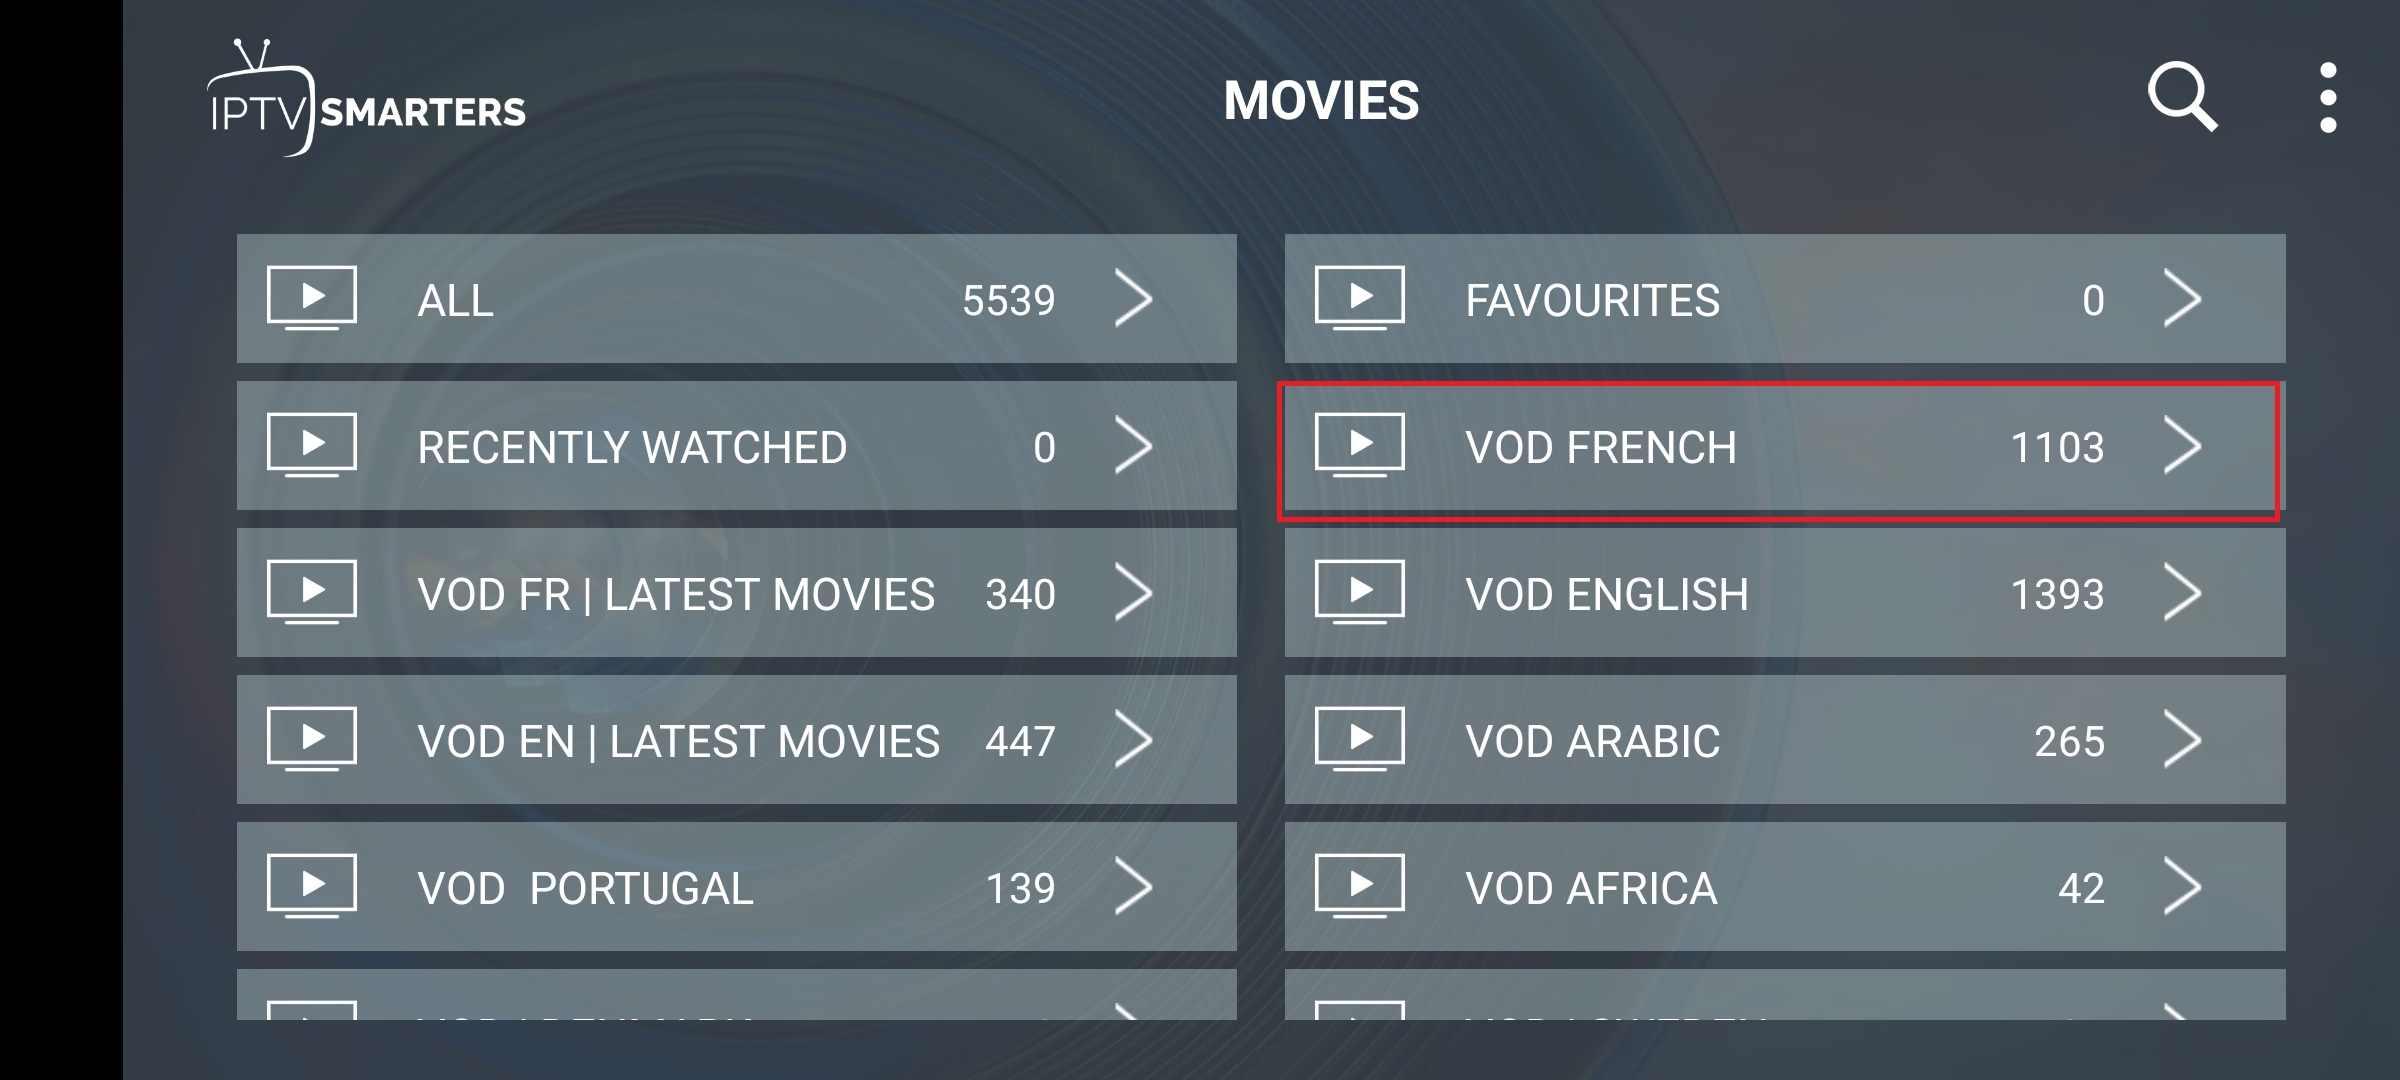 IPTV francés 500 + canales locales y 2000 + VODs Francia árabe Alemania IPTV suscripción deportes adultos para M3U Android Box Smart TV